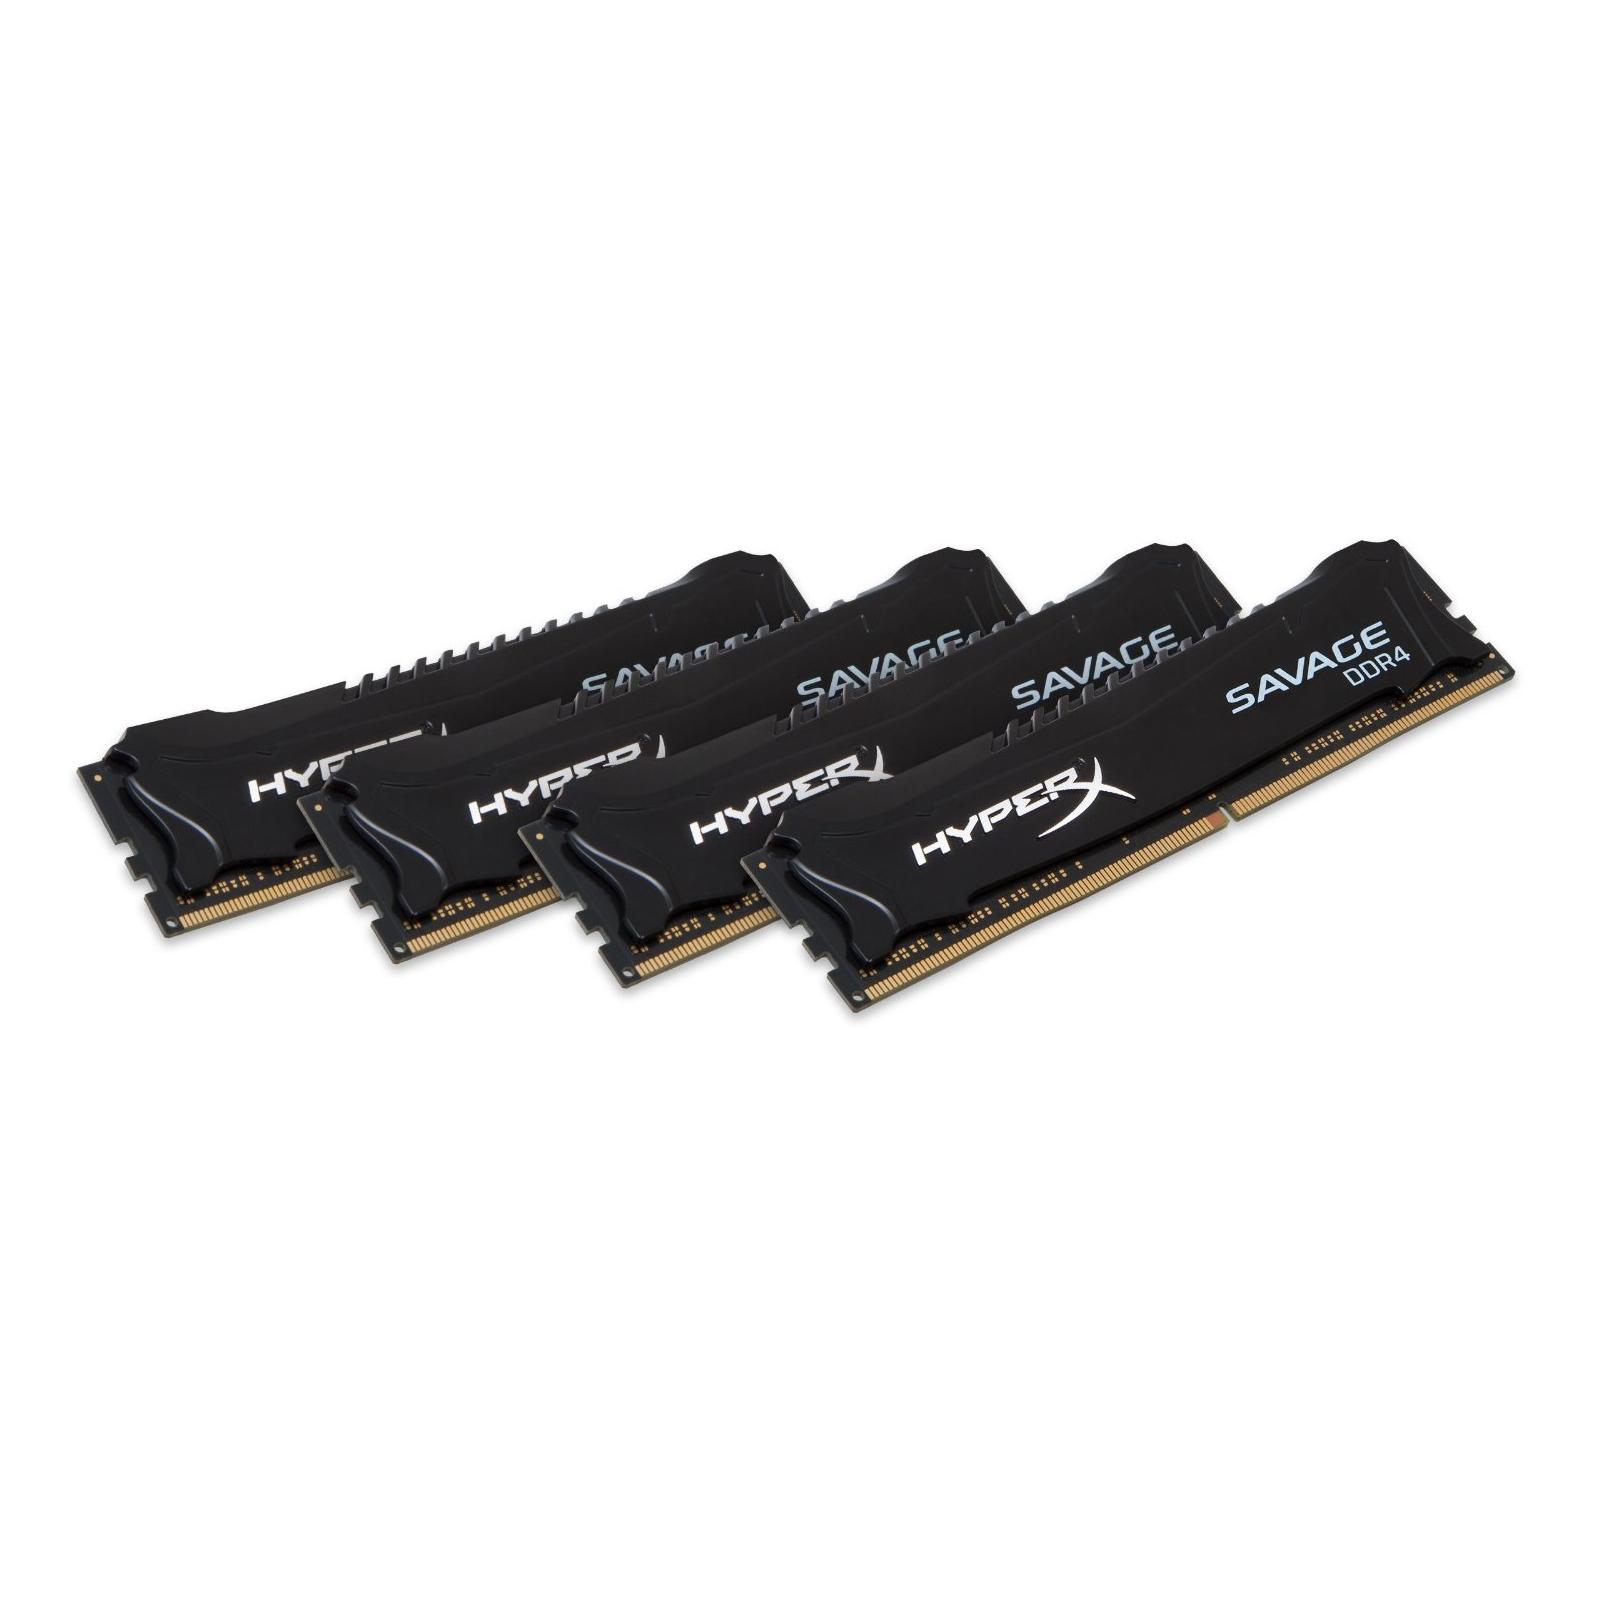 Модуль памяти для компьютера DDR4 32GB (4x8GB) 2400 MHz Savage Blak Kingston (HX424C12SB2K4/32) изображение 2